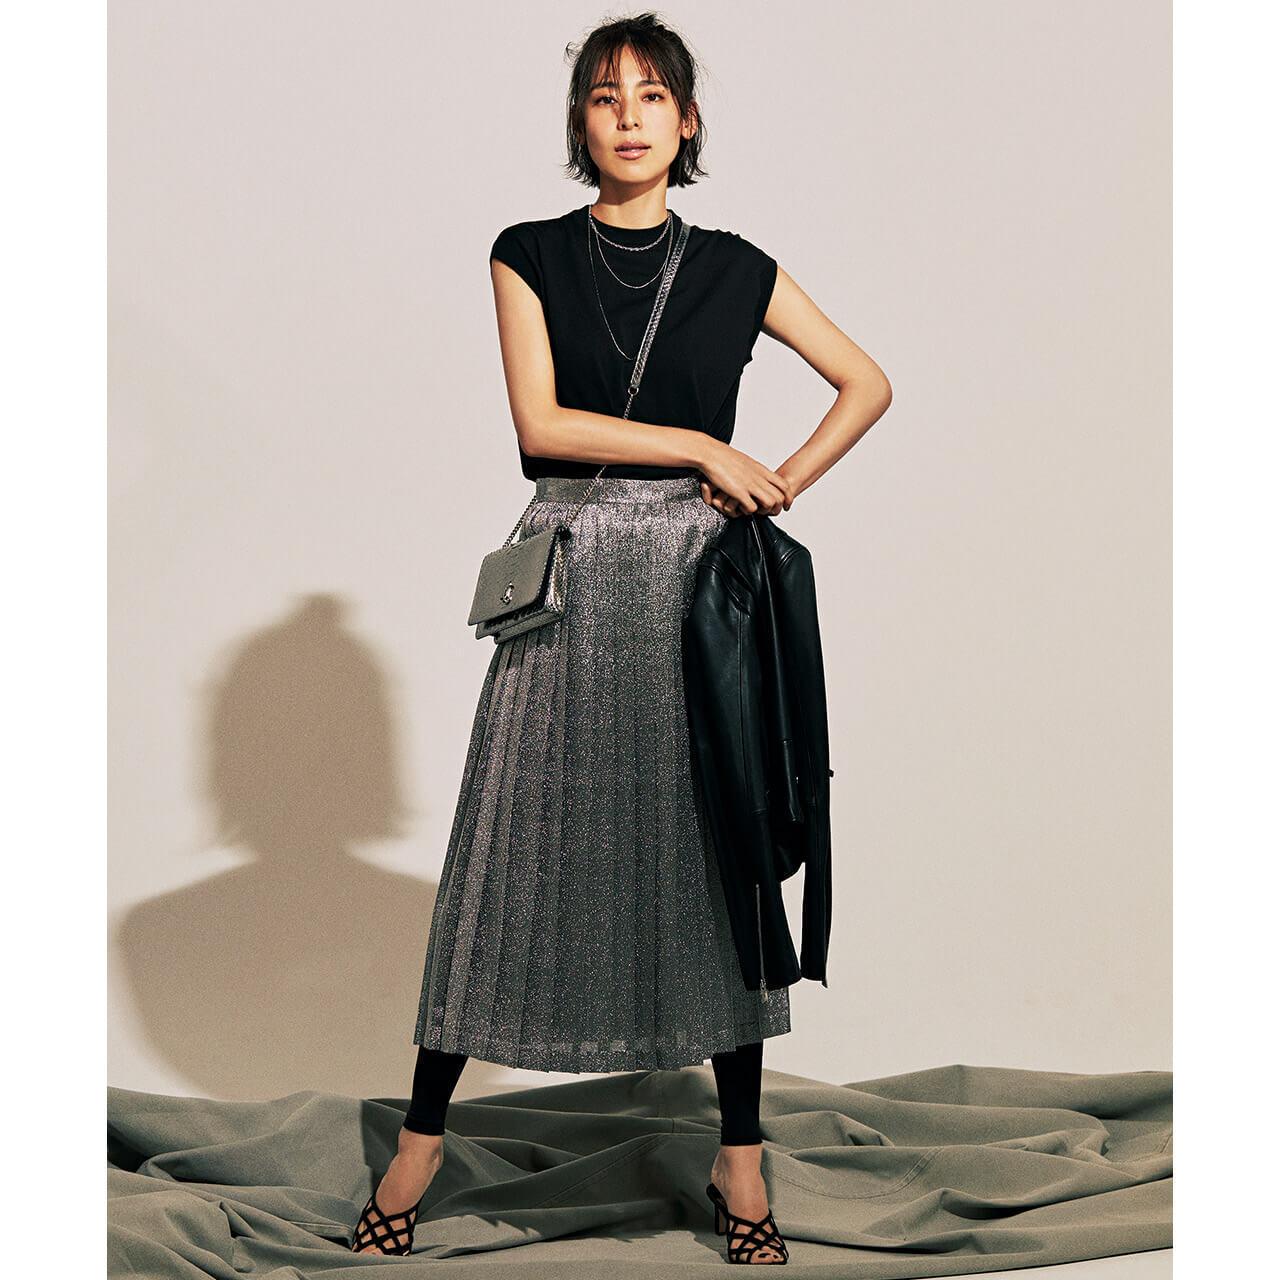 黒ノースリニットとシルバースカートのコーデ モデル・小泉里子